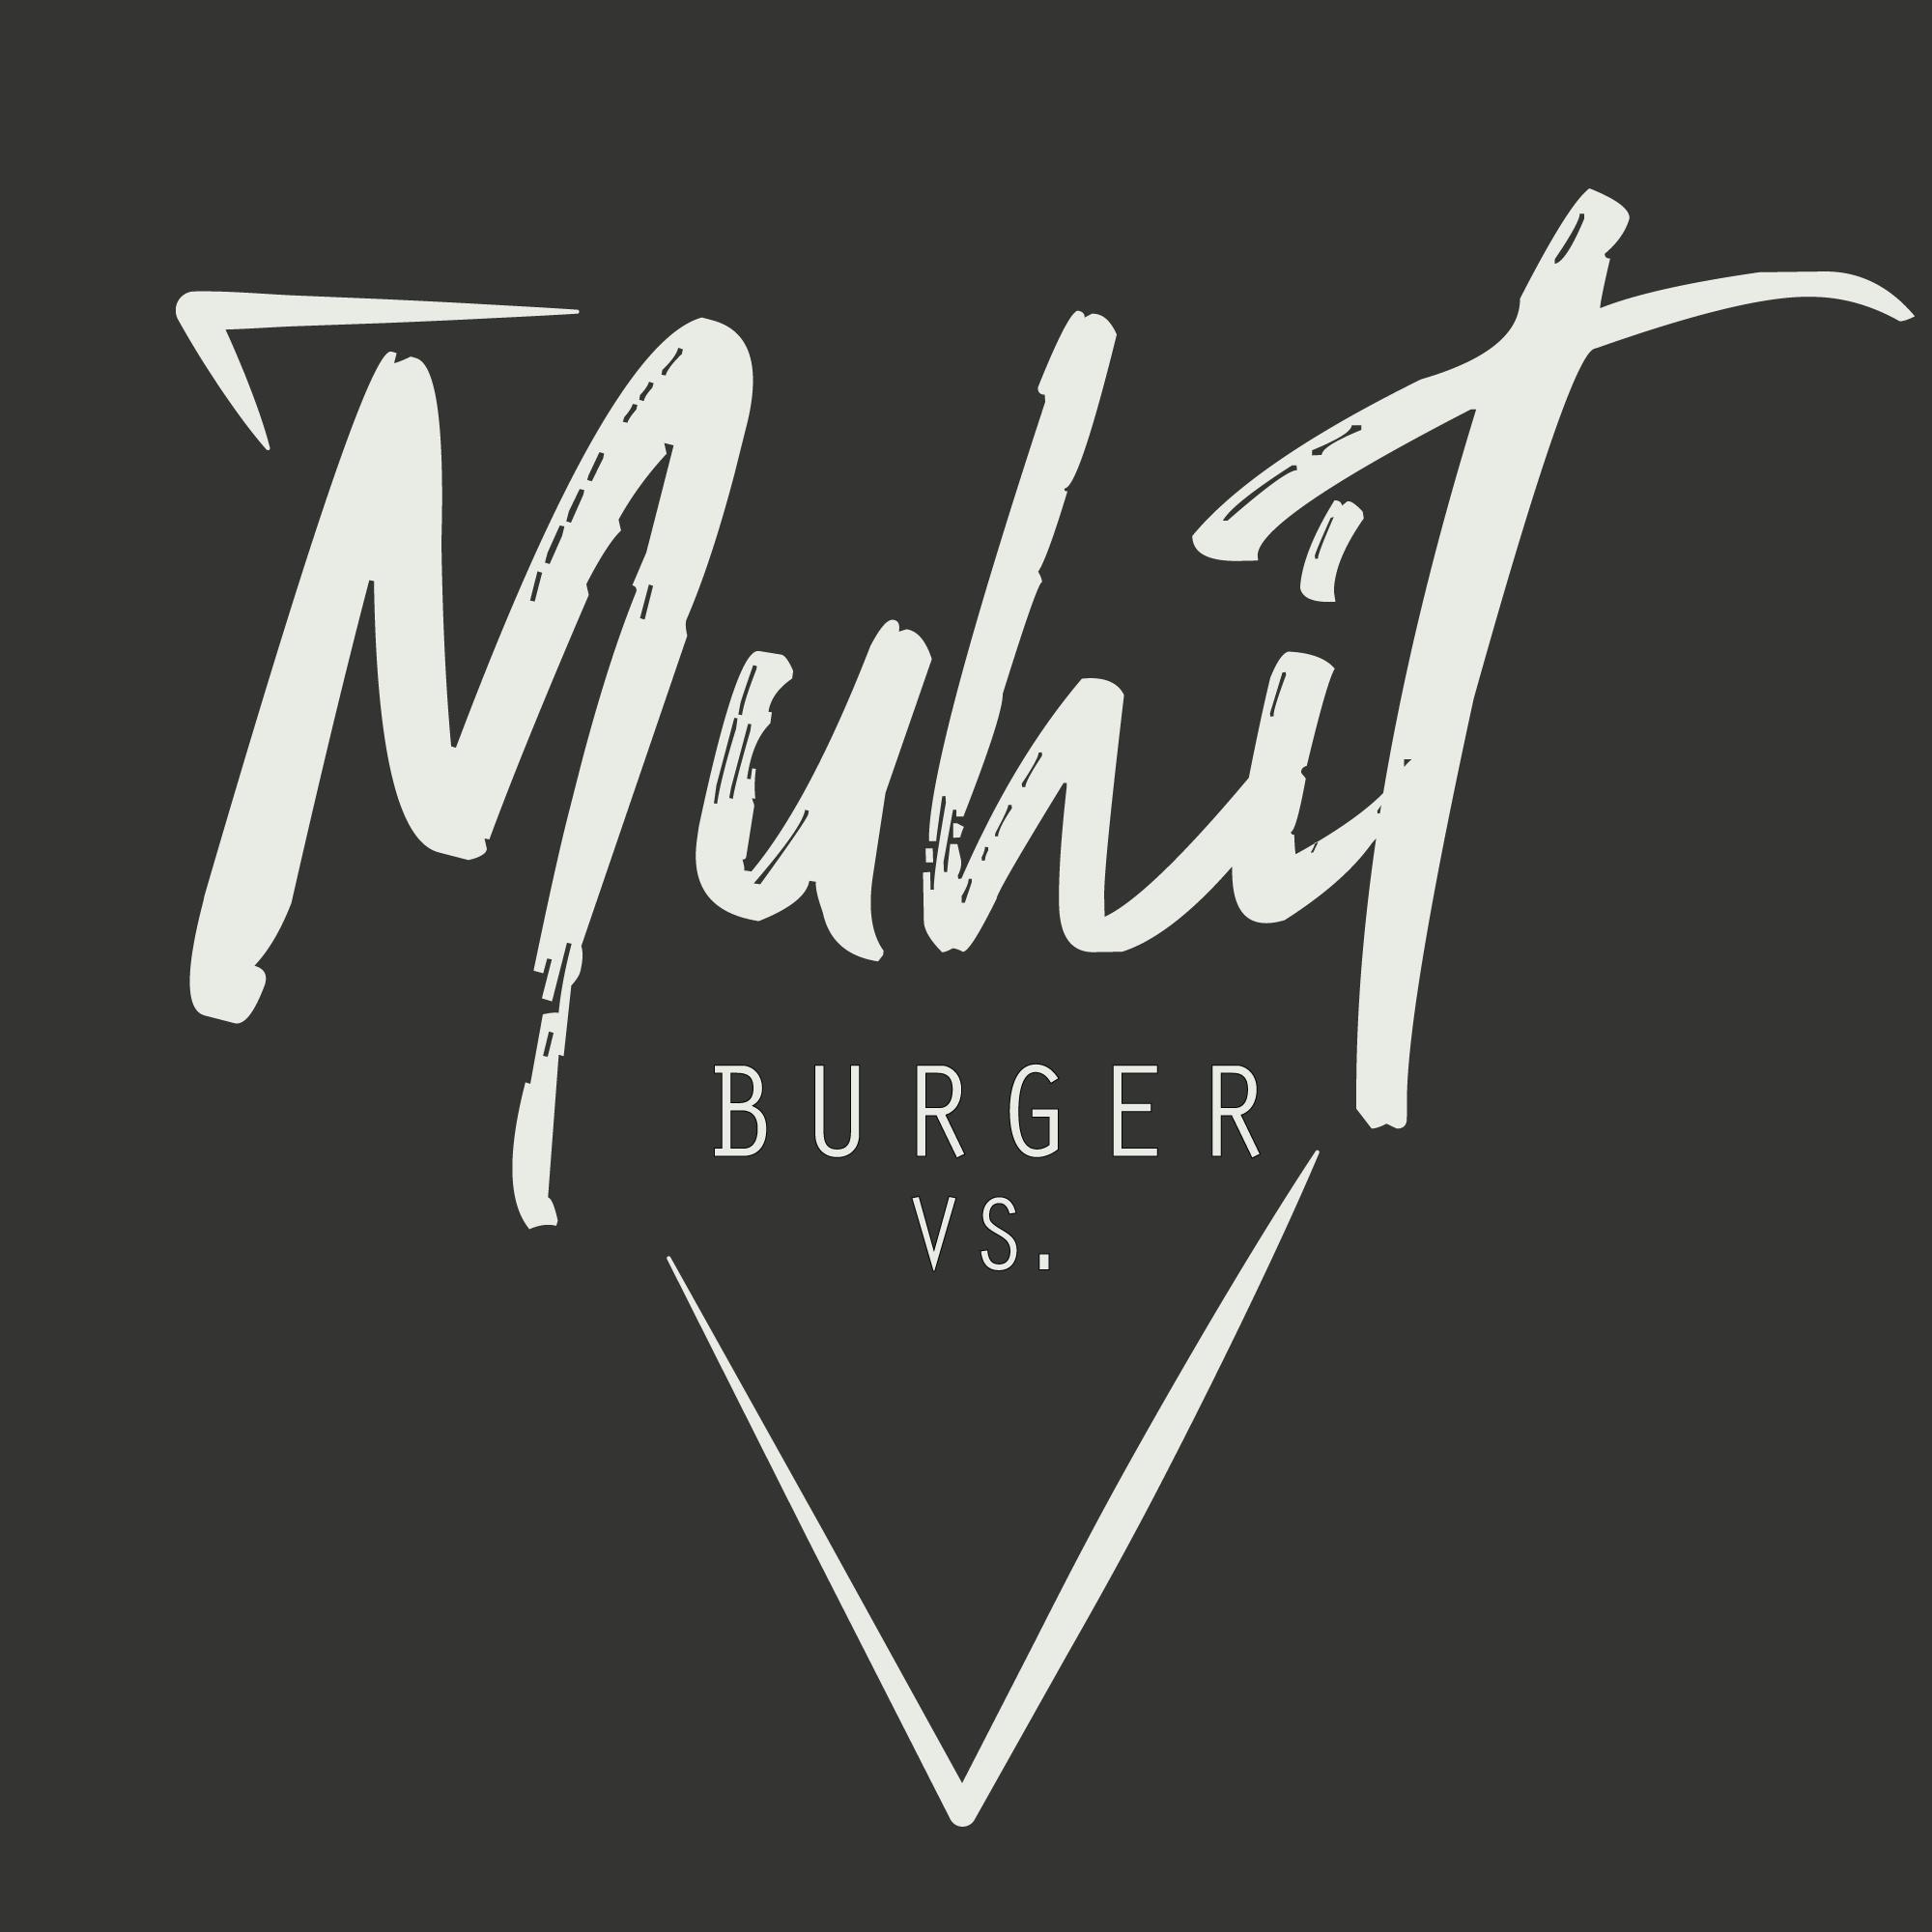 MUHIT BURGER